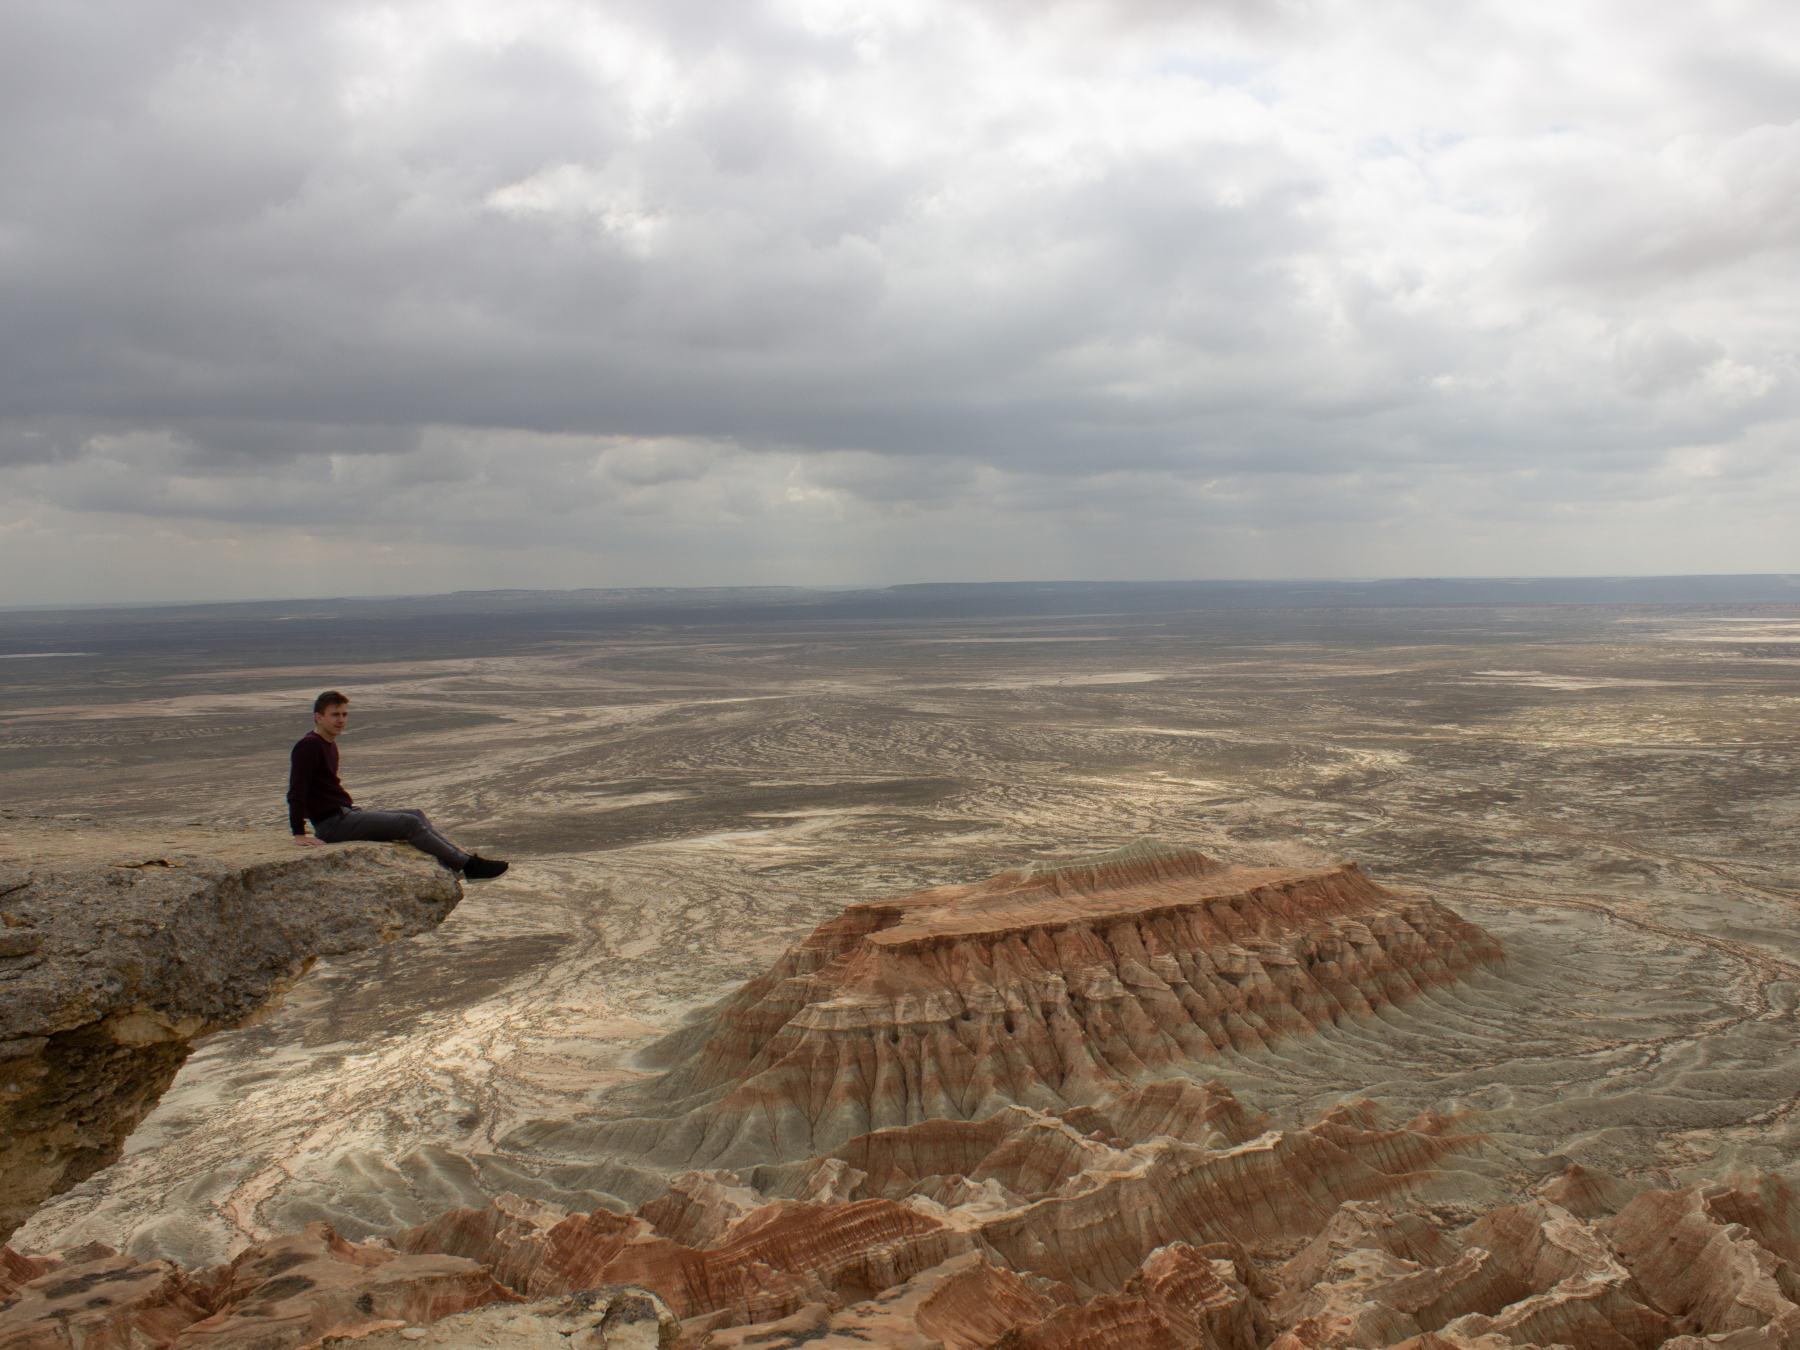 Efterårsrejse i Karakum Ørkenen